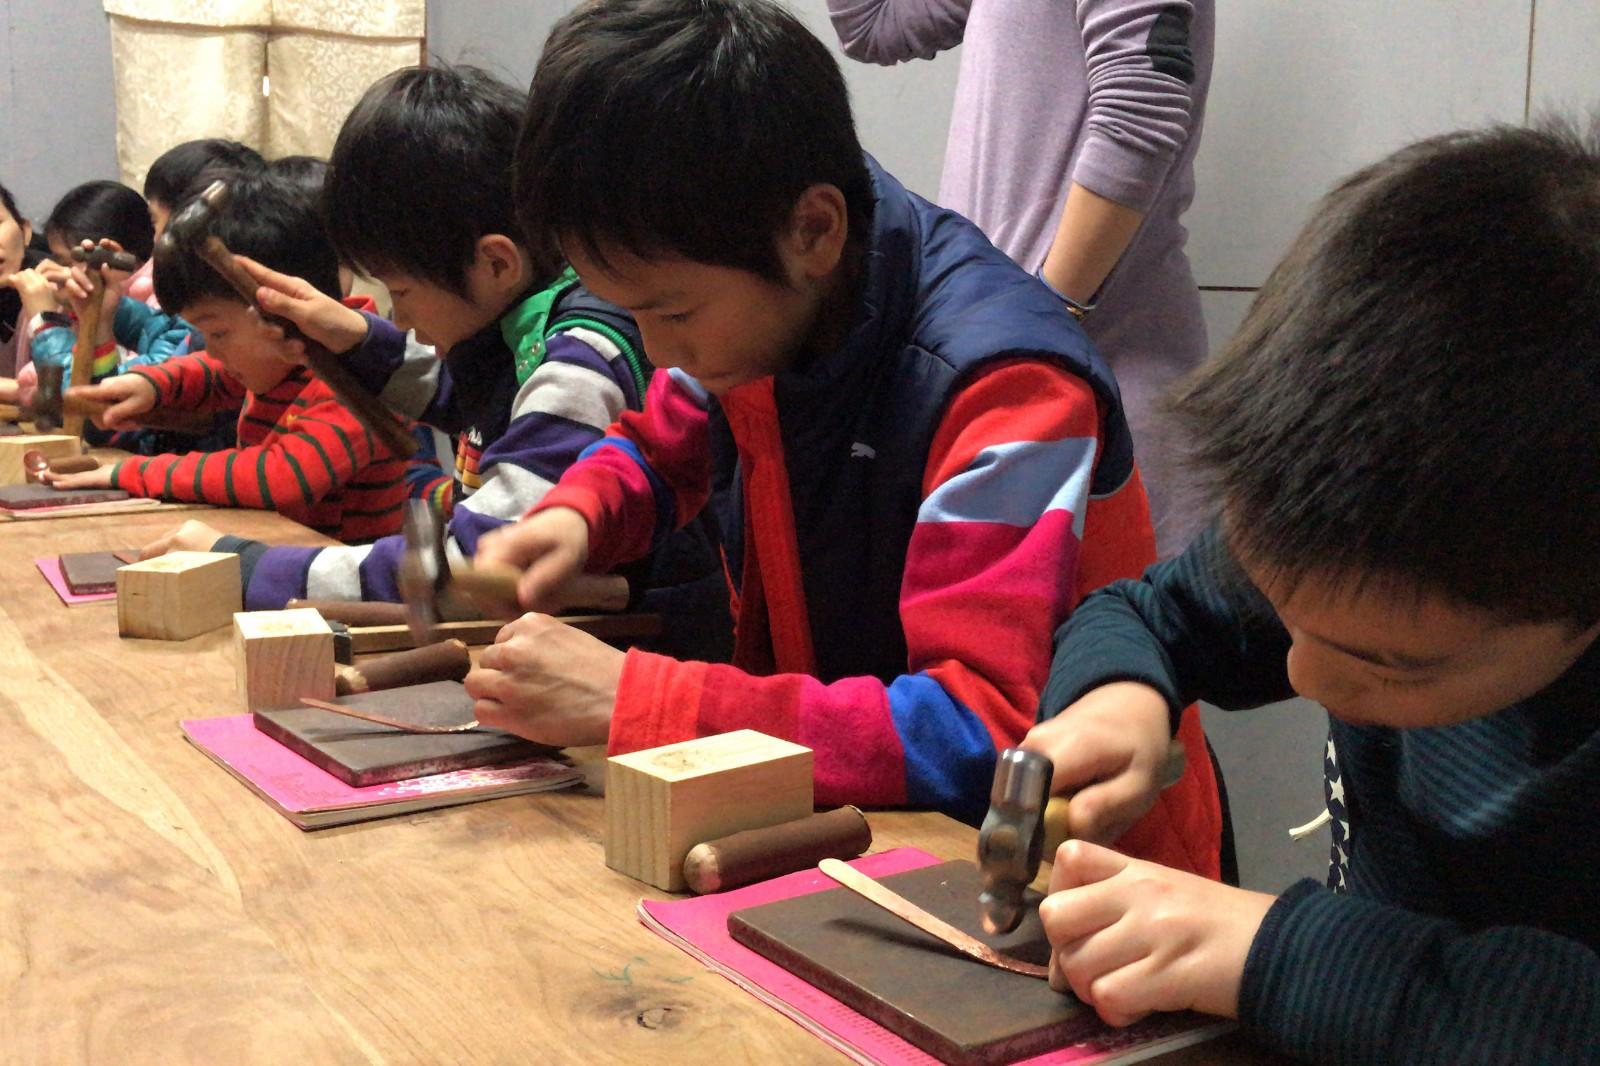 一日職人DIY體驗 - 三峽金工工藝手作 | 甘樂文創 | 甘之如飴,樂在其中